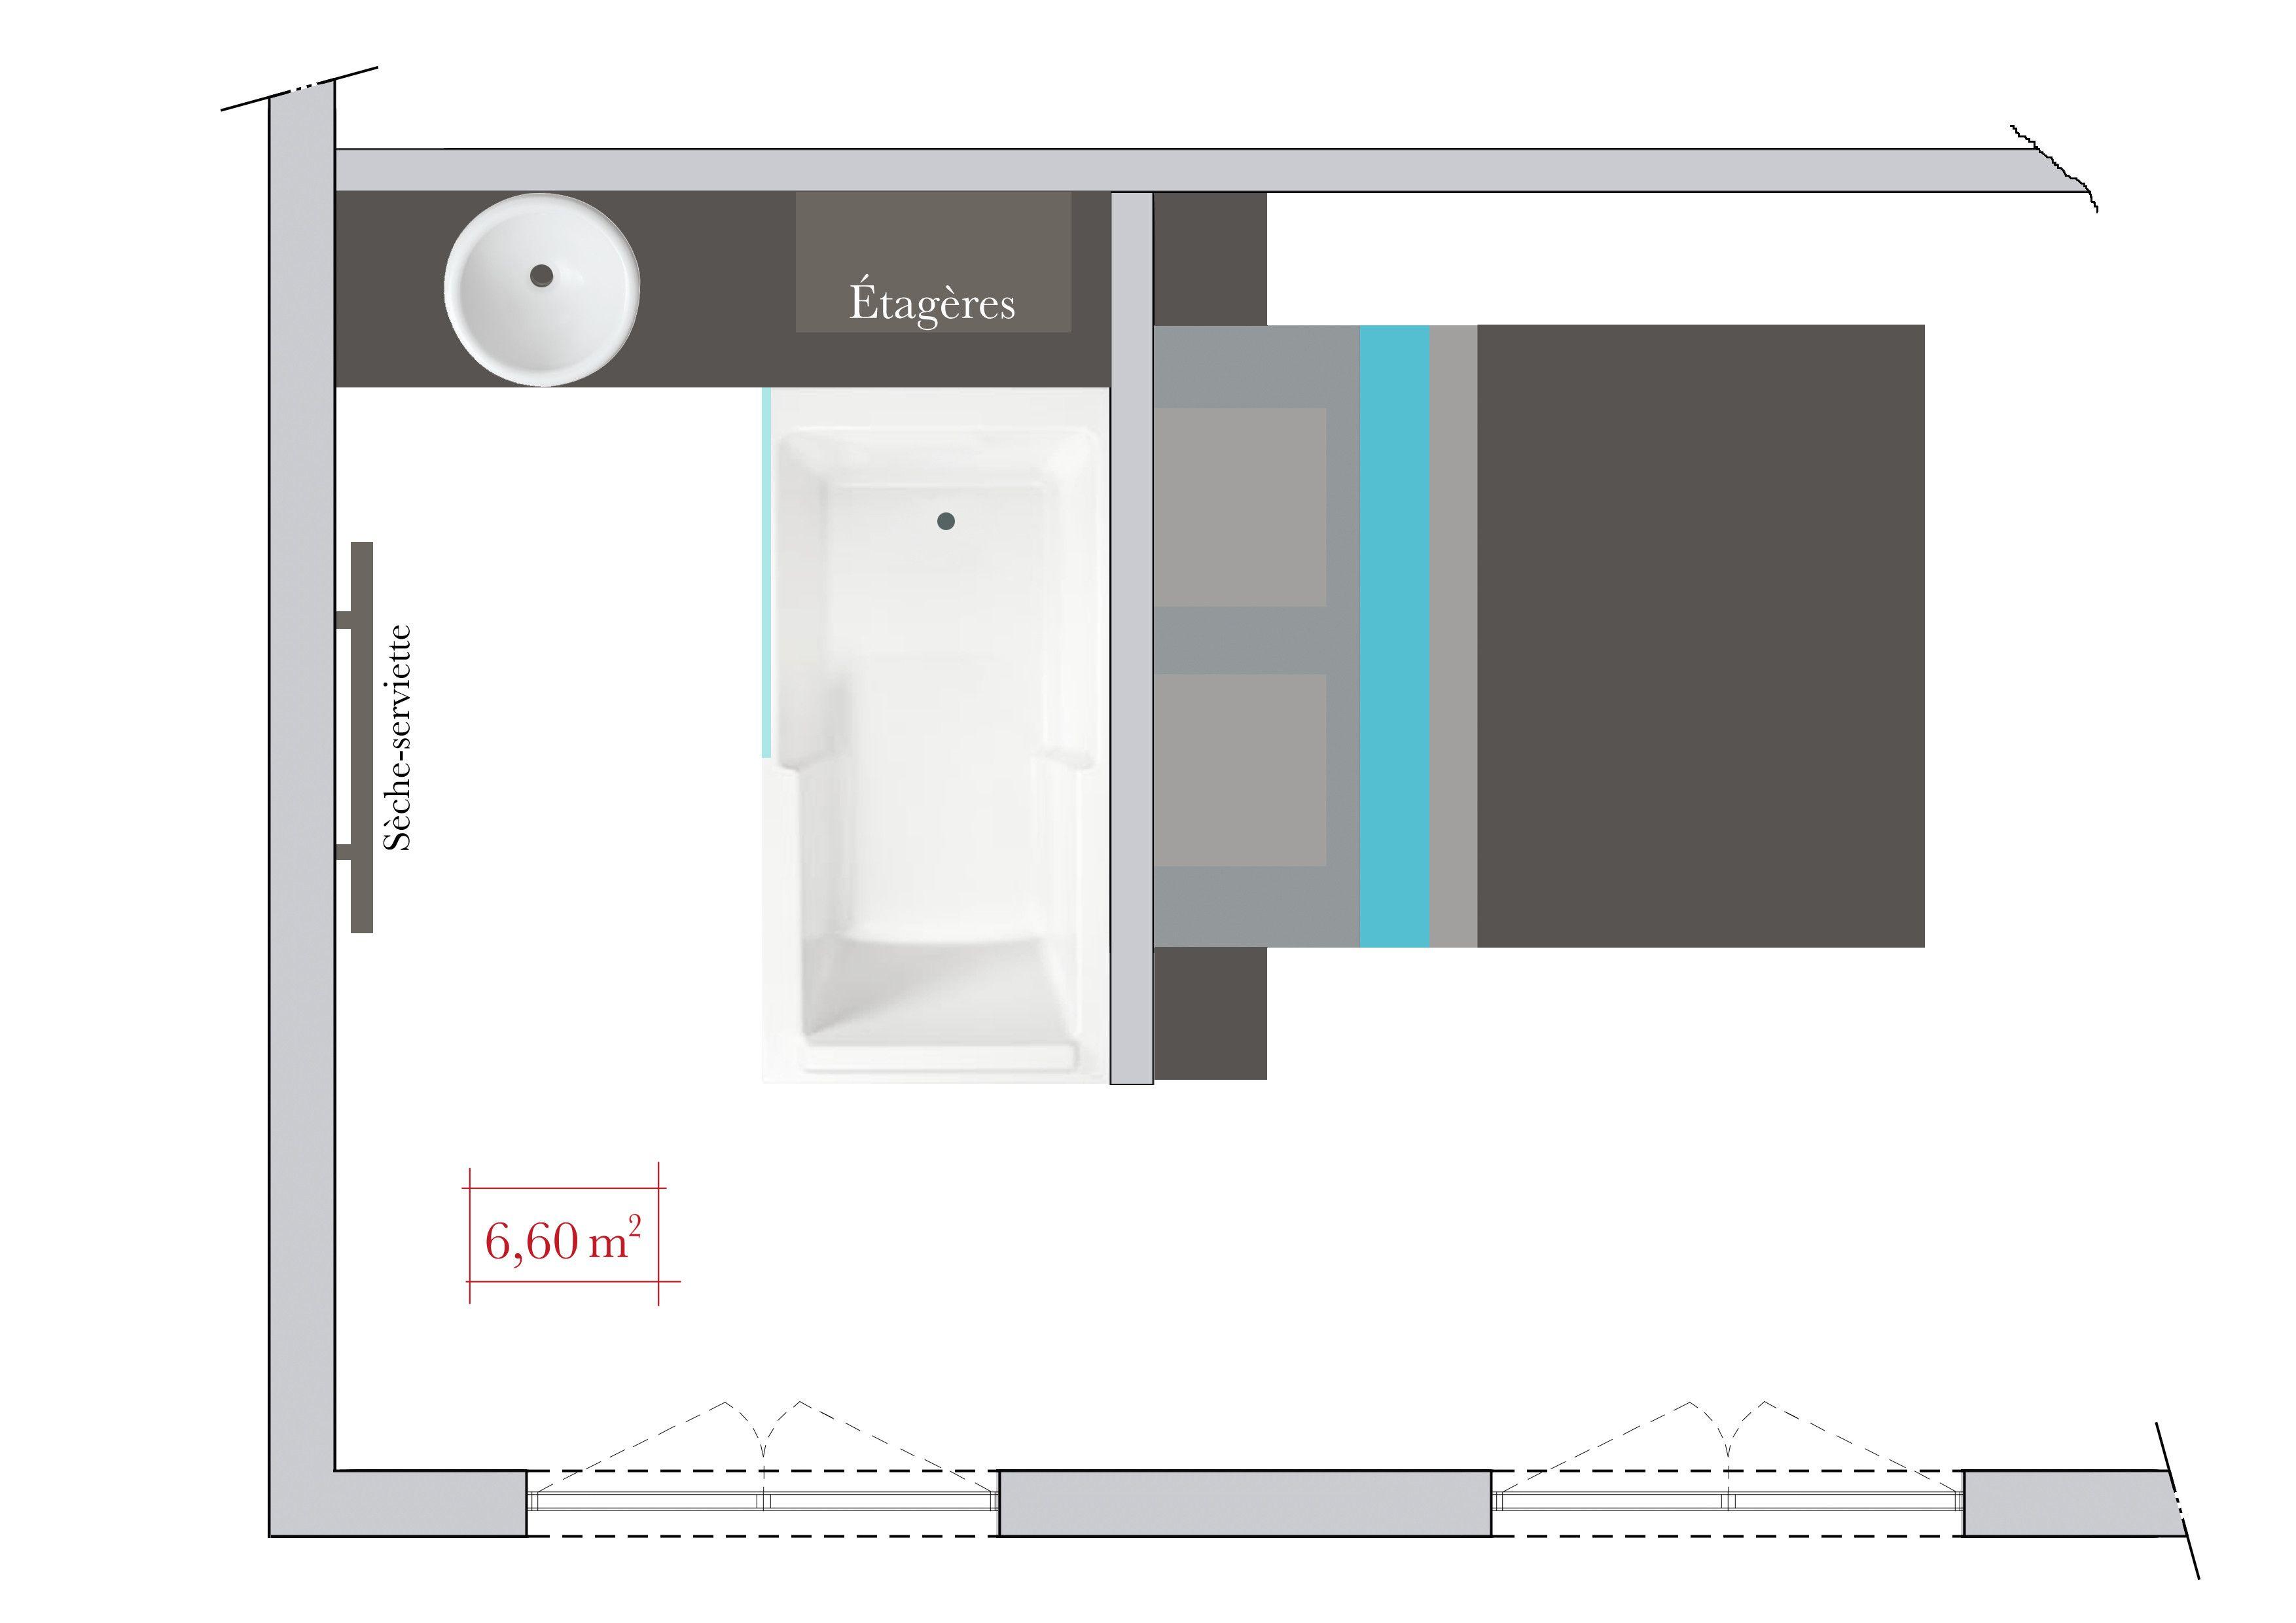 conseils d 39 architecte comment am nager une salle de bains ouverte sur la chambre deco. Black Bedroom Furniture Sets. Home Design Ideas